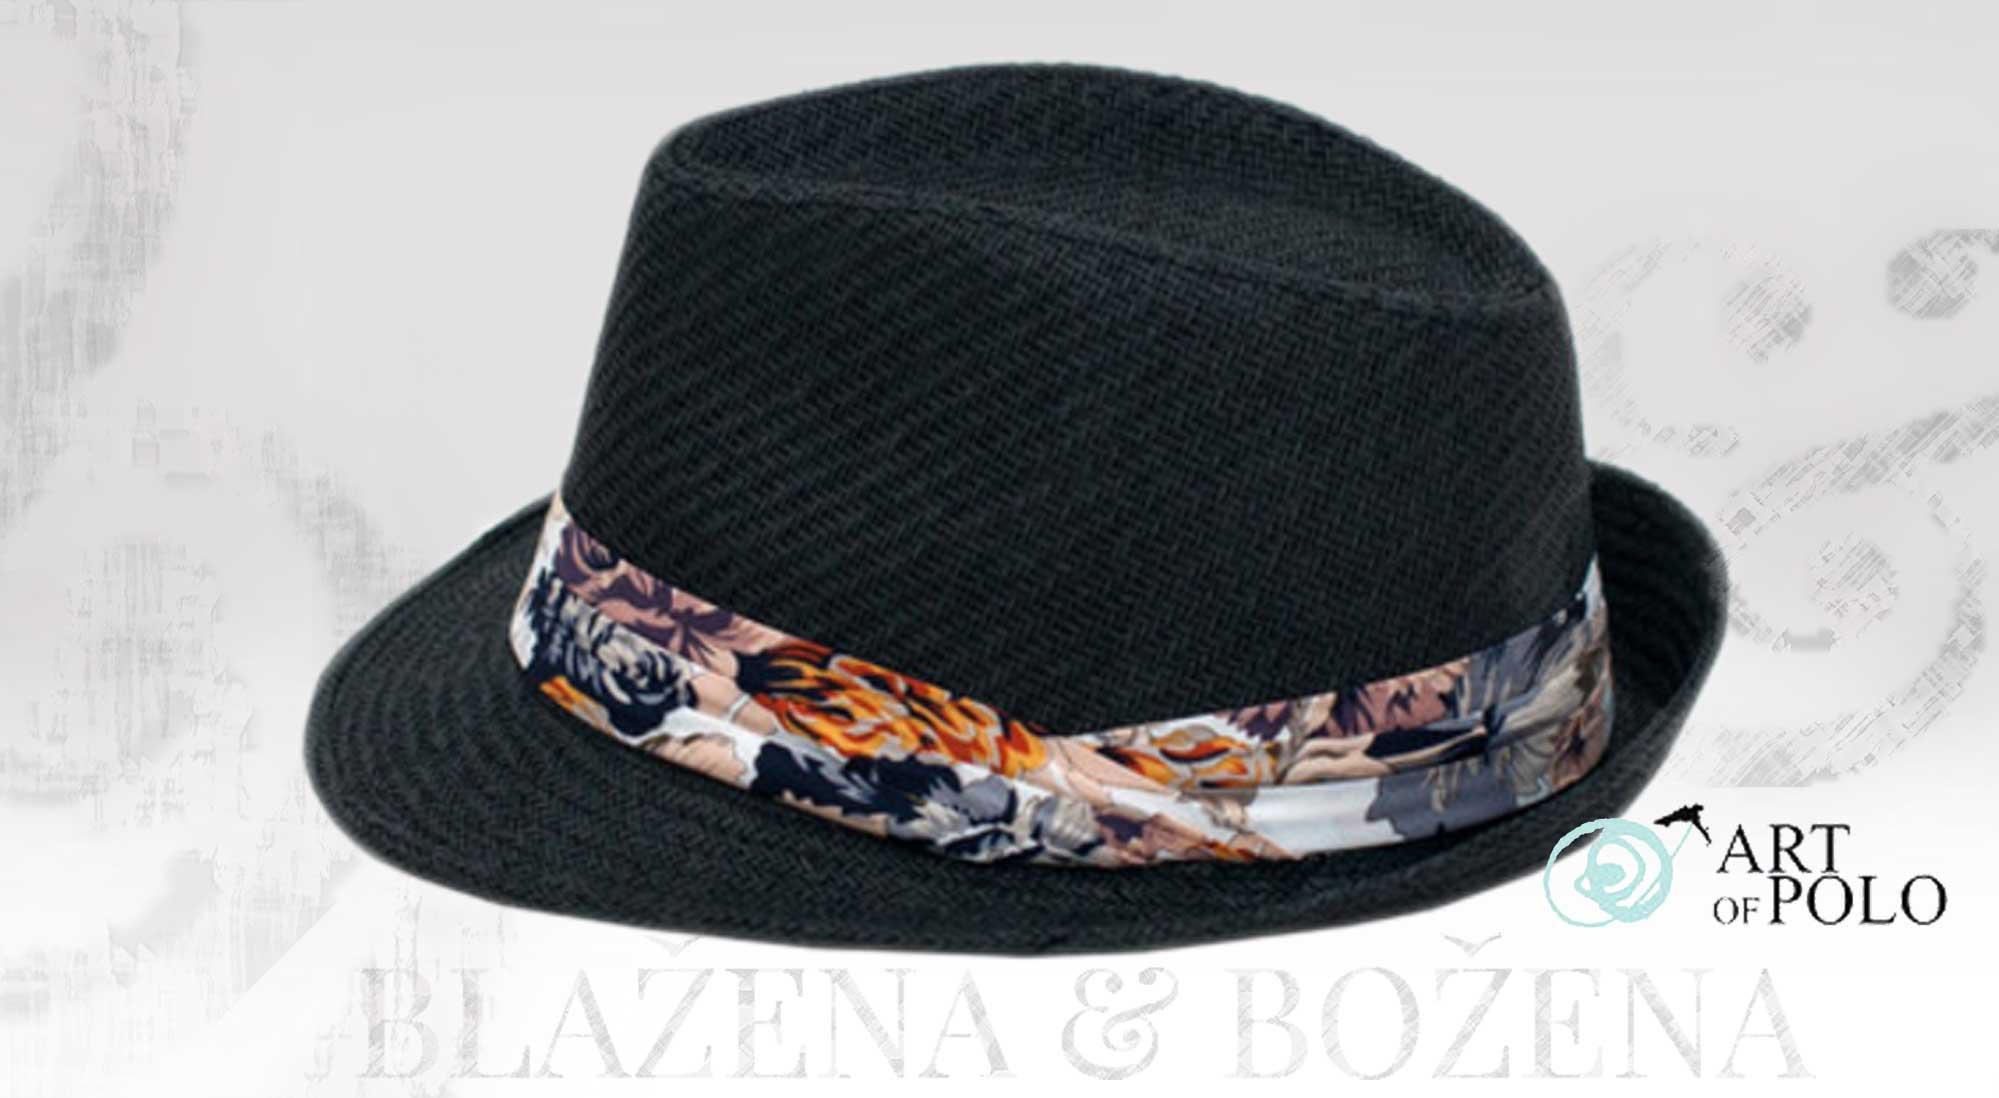 Blažena Božena. královny klobouků. Straw - černý slaměný klobouk 3b3e759edc